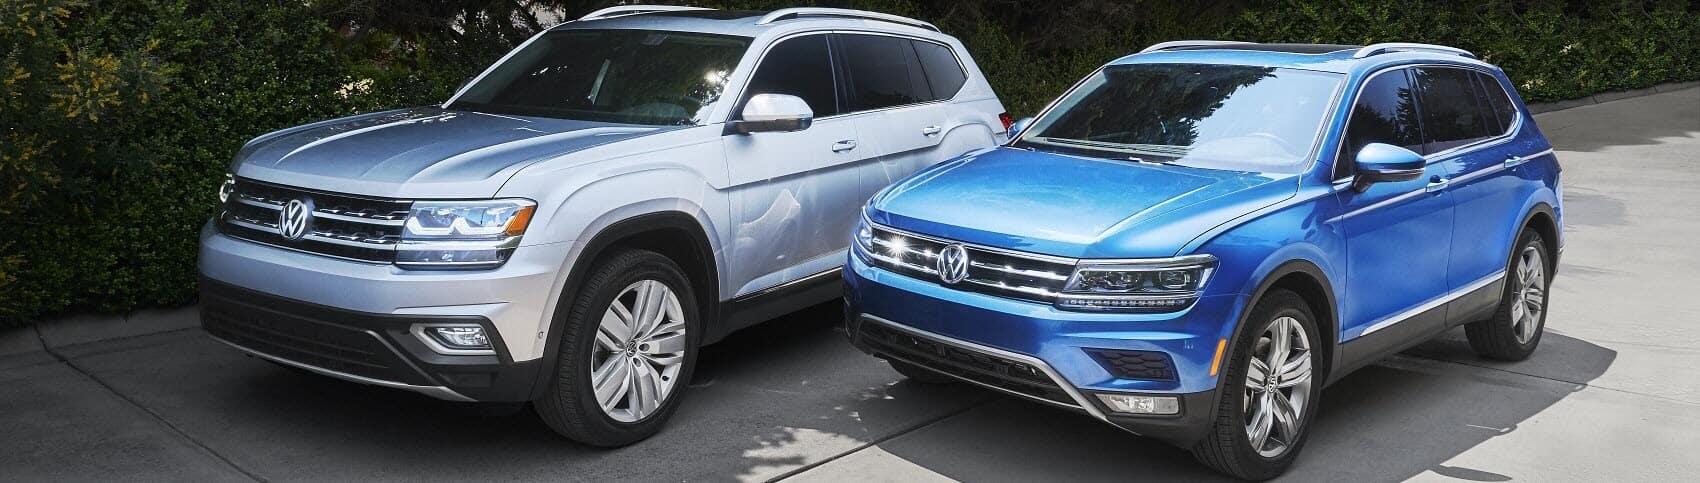 Volkswagen SUVs